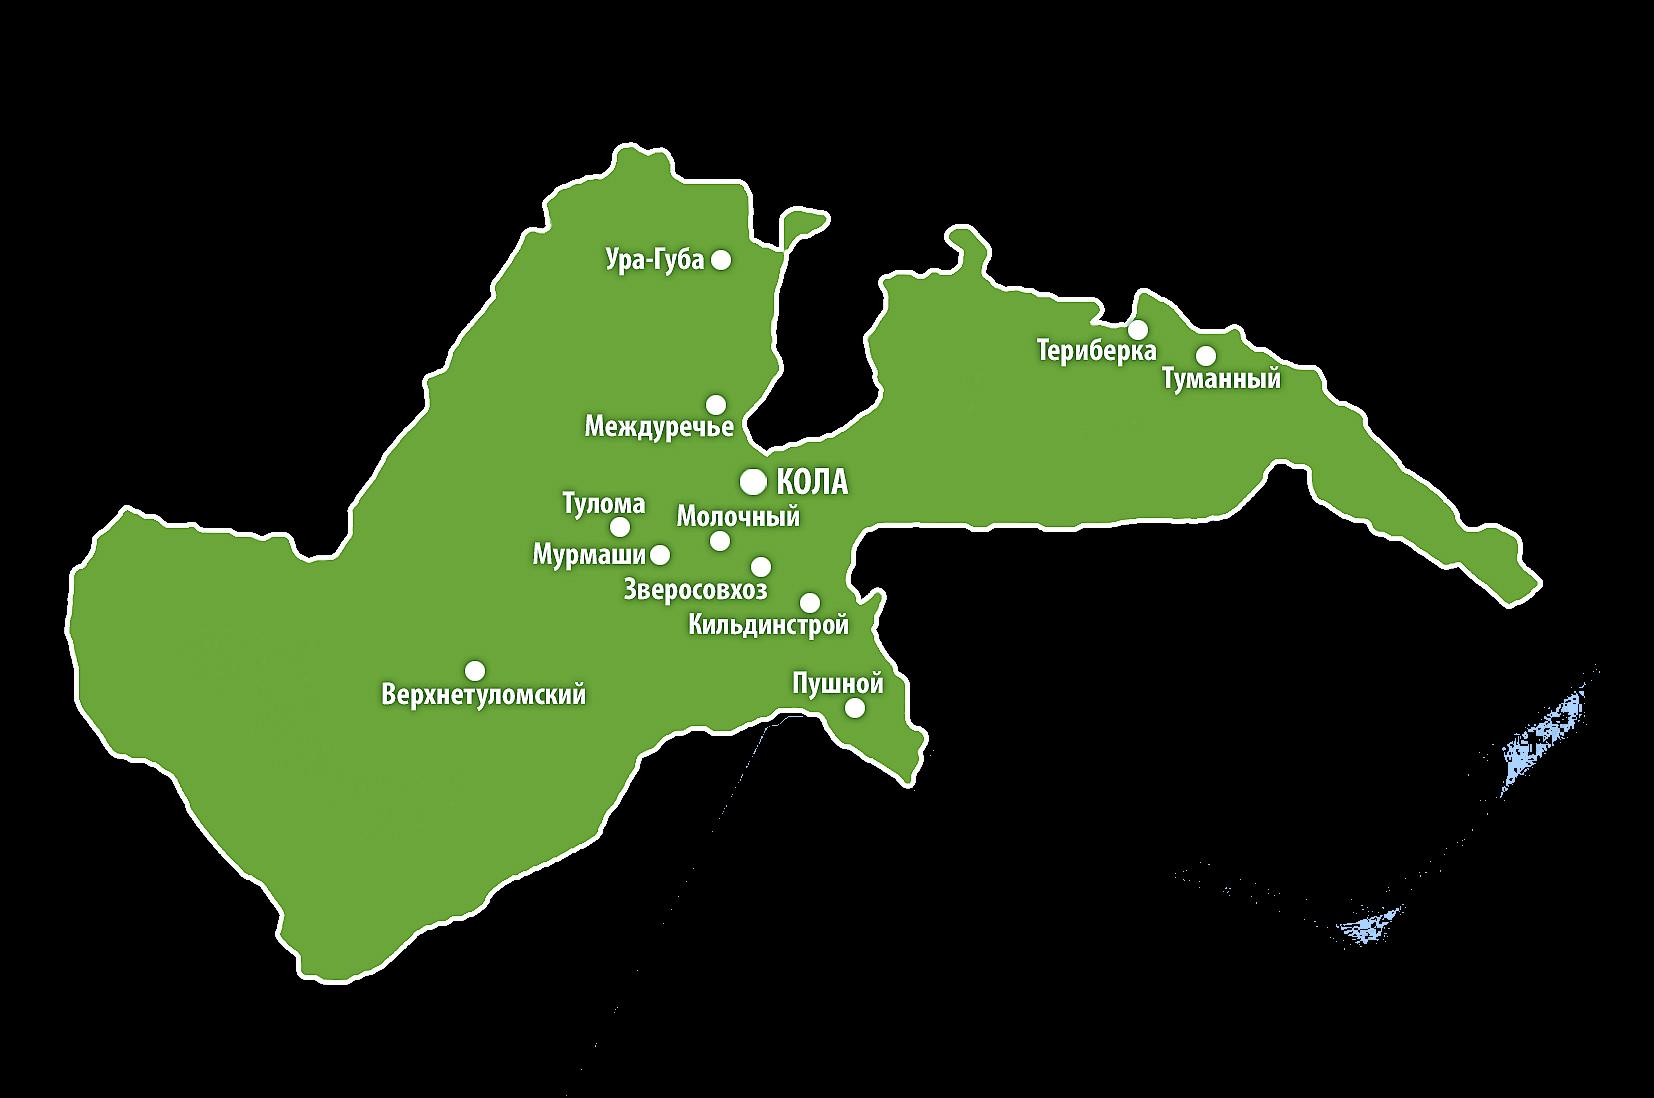 Карта Кольского района